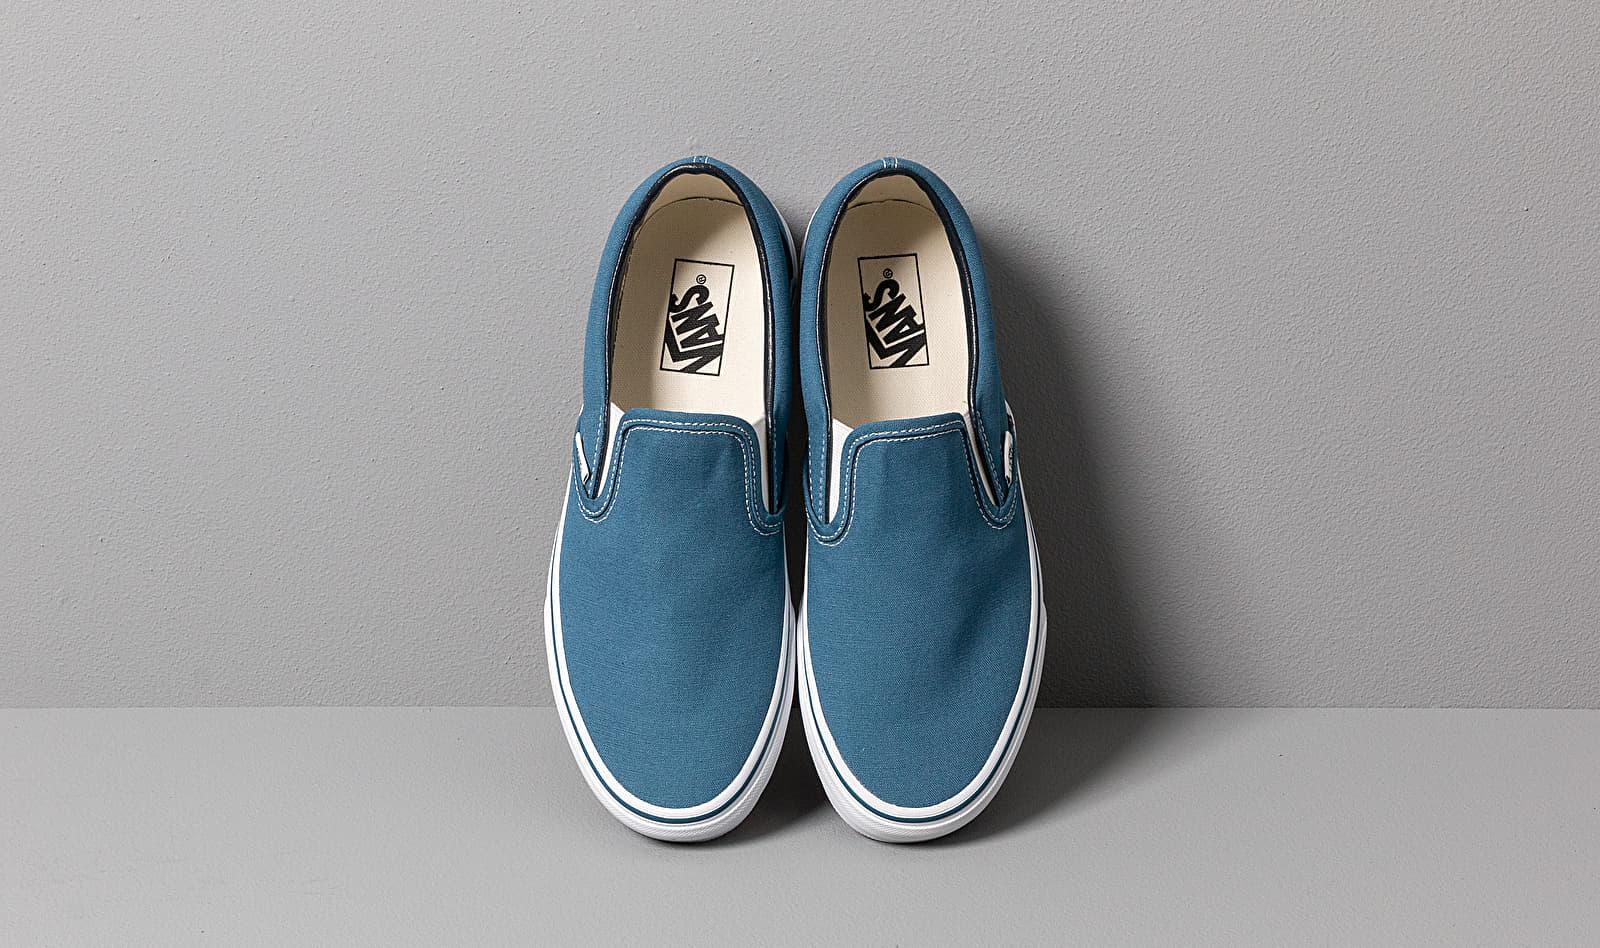 Slip Navy on Classic Vans Classic Slip Navy Vans on Slip Vans Classic H2D9IeEWYb